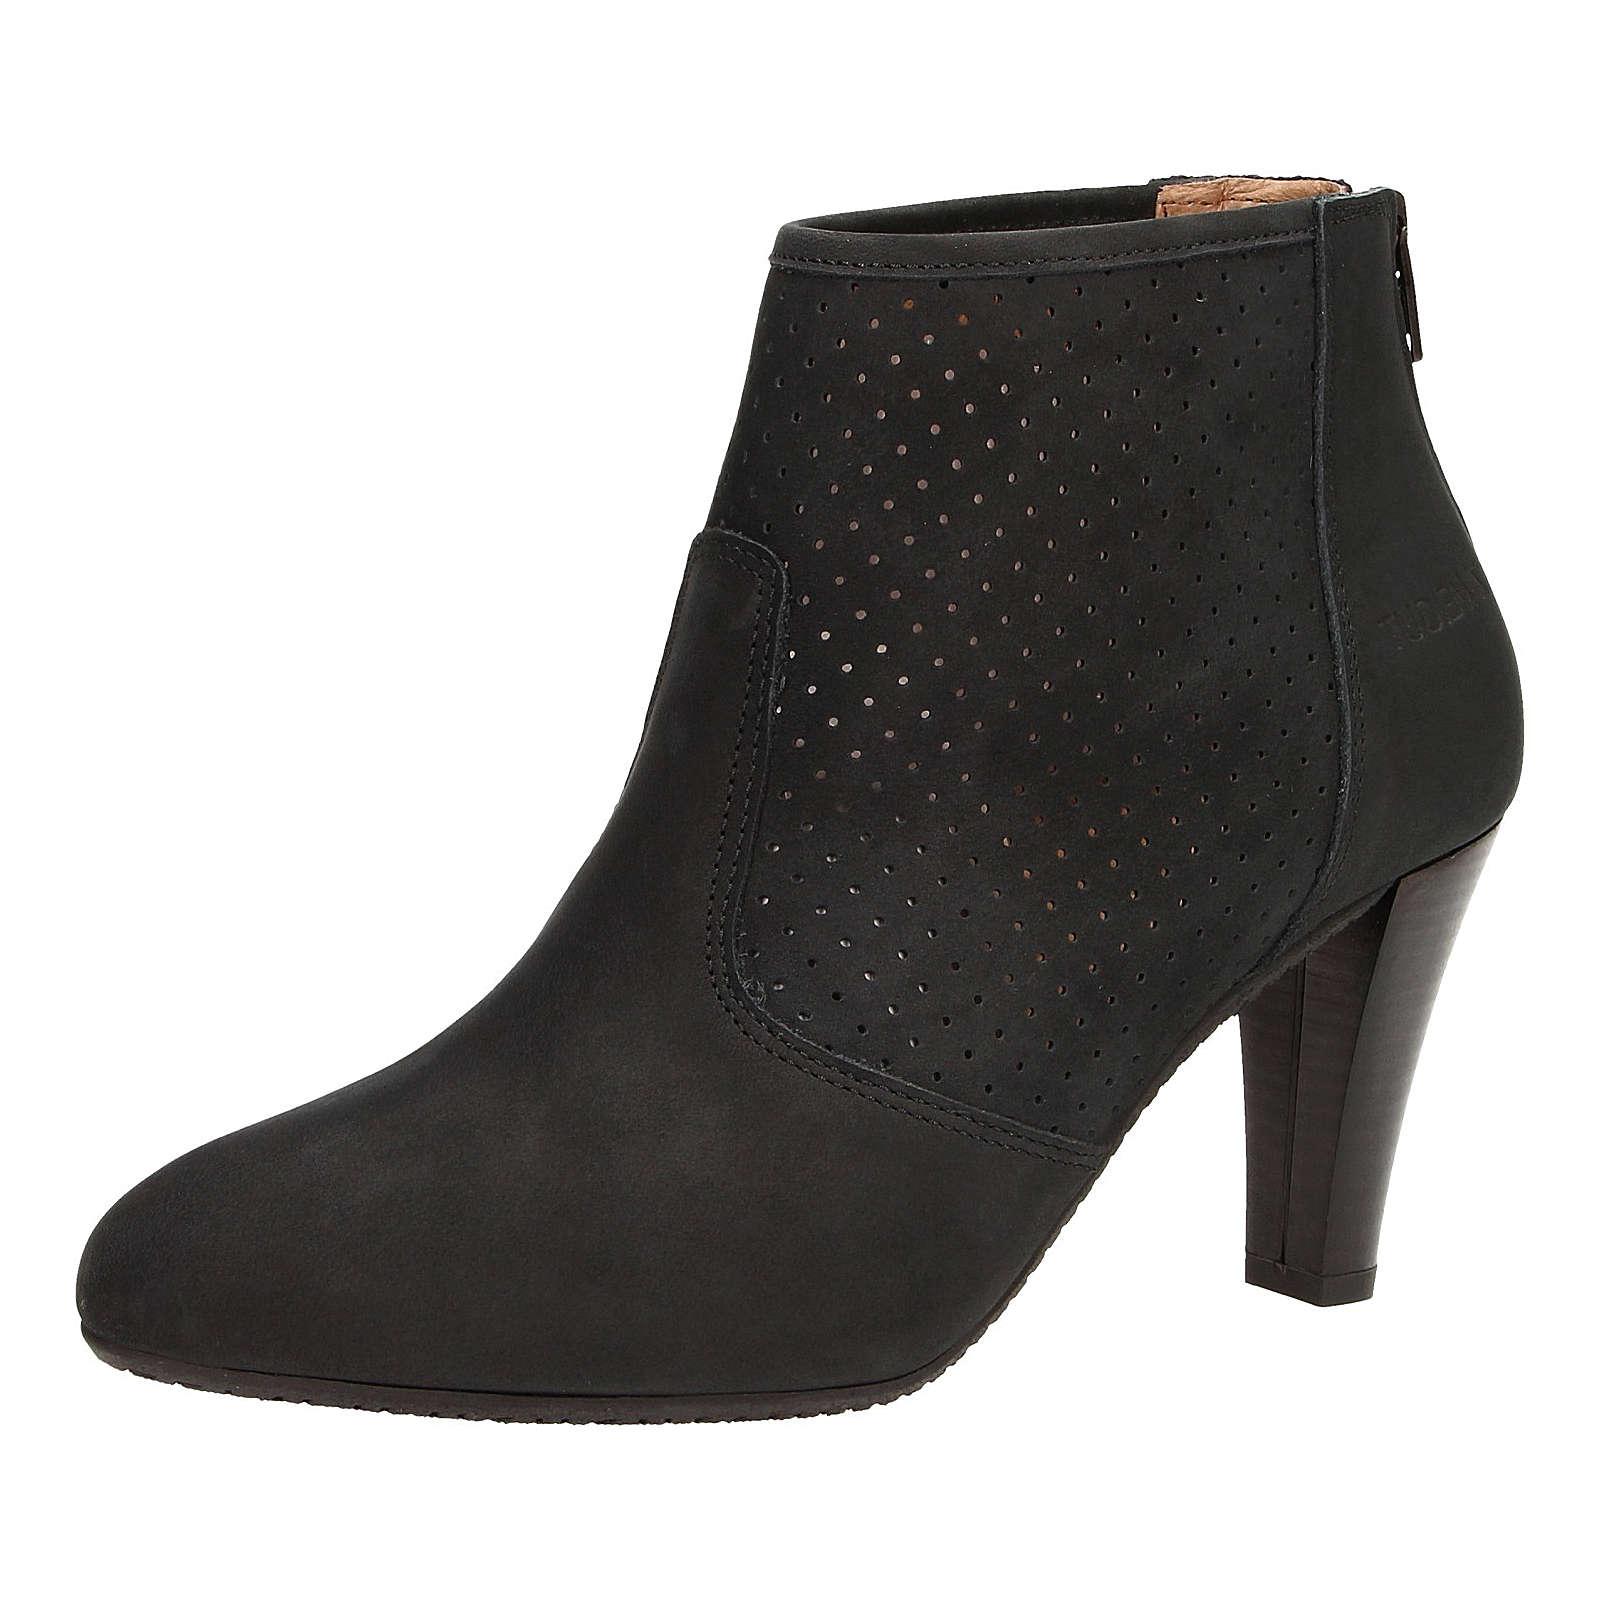 ZWEIGUT® Stiefeletten komood #310 Damen Nubukleder Sommer Schuh extremer Komfort auf flexibler Sohle atmungsaktiv schwarz Damen Gr. 39